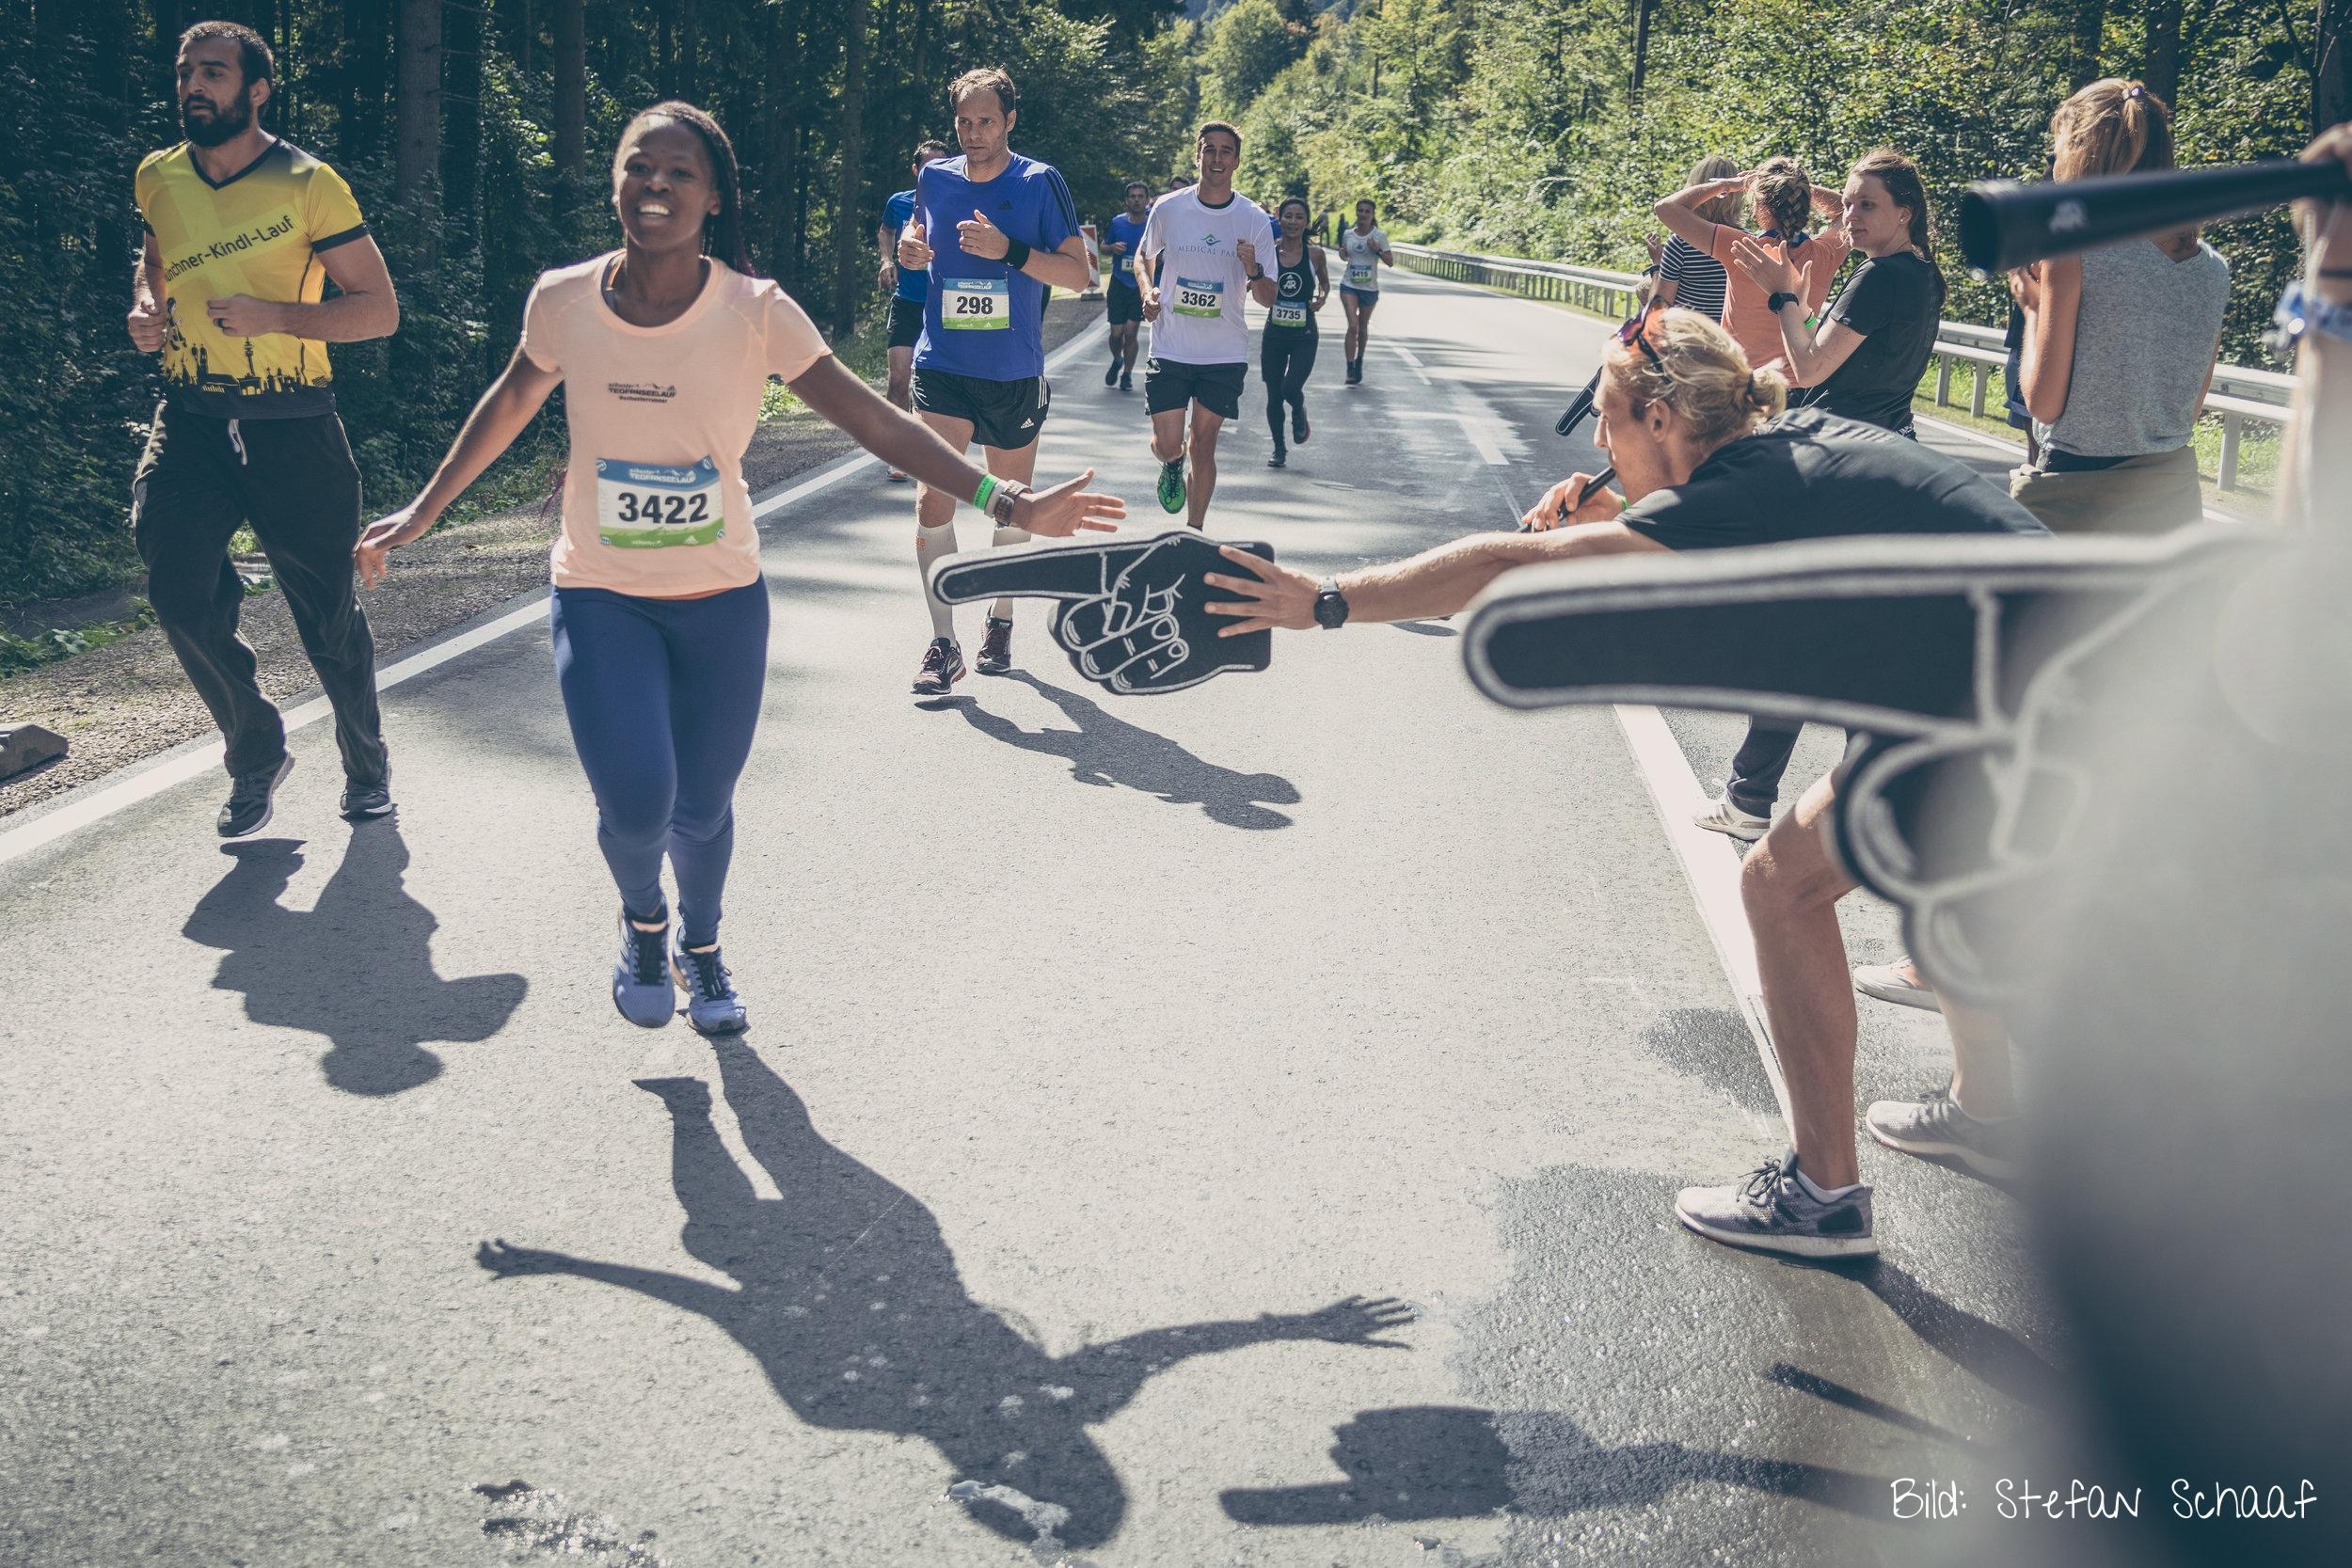 #schusterrunner Busi am Adidas Runner Cheerpoint